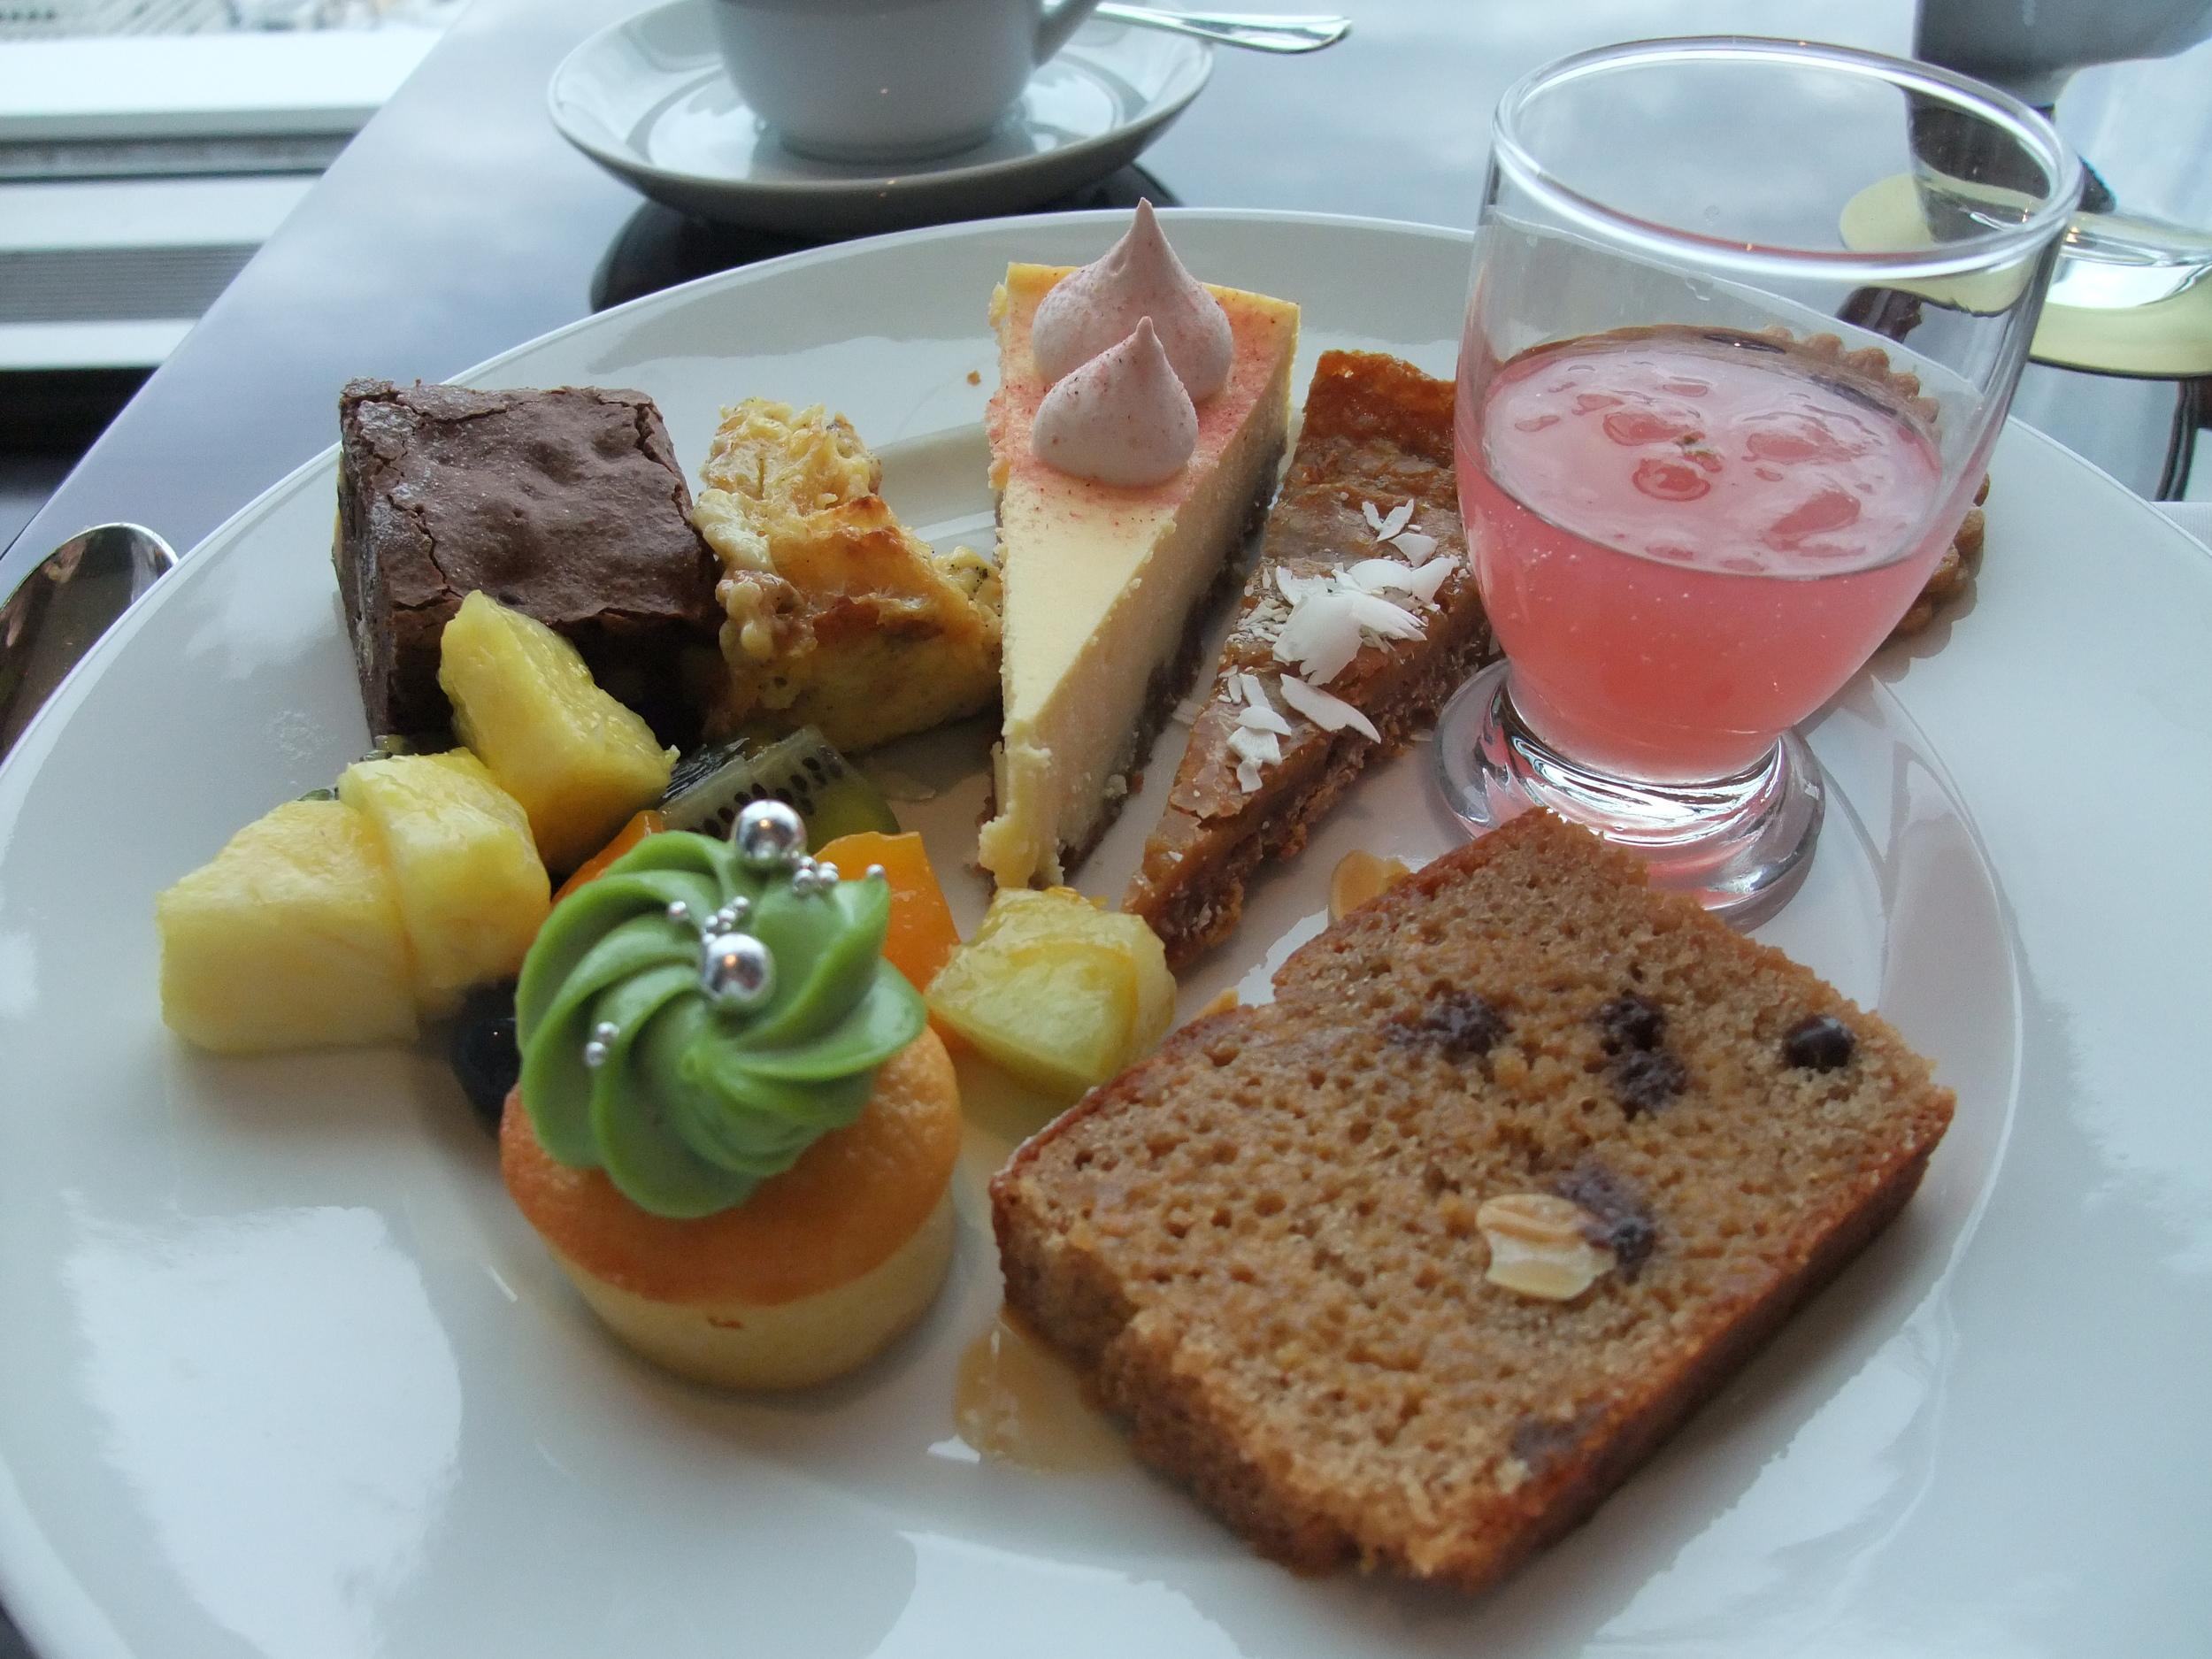 Dessert brunch buffet at the Park Hyatt Tokyo